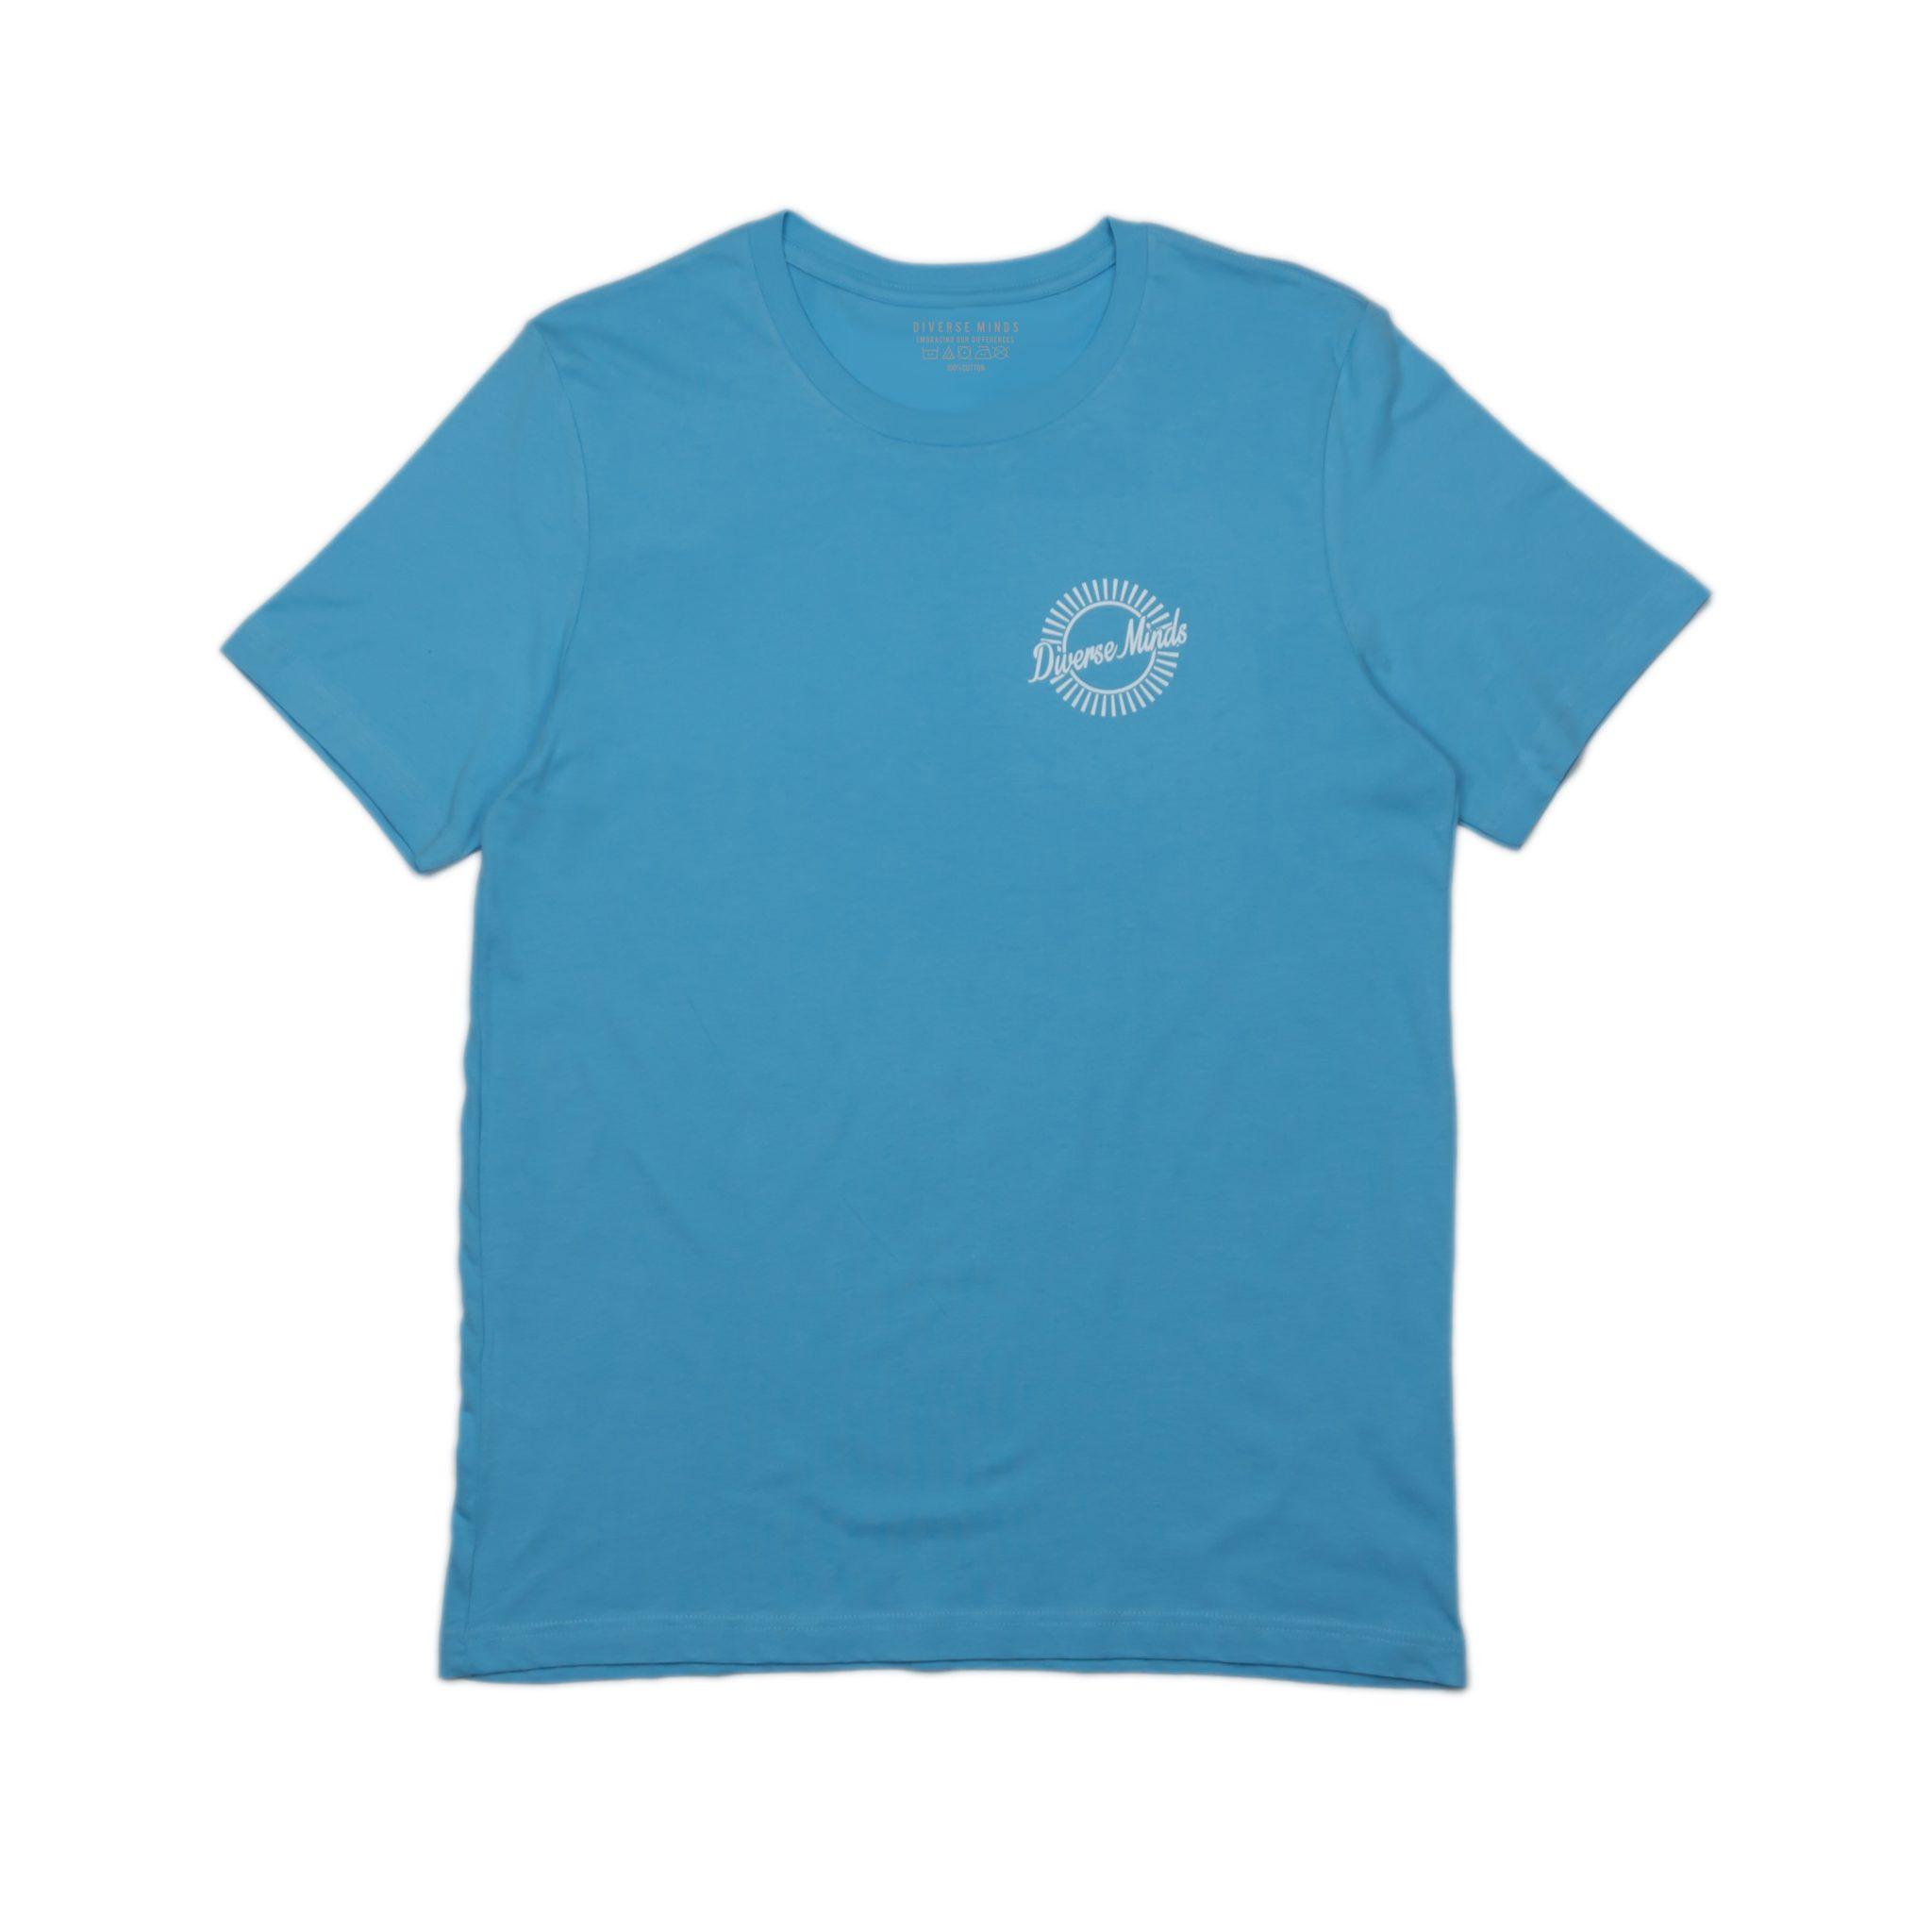 Sun Burst Pastel Blue T-Shirt - Diverse Minds